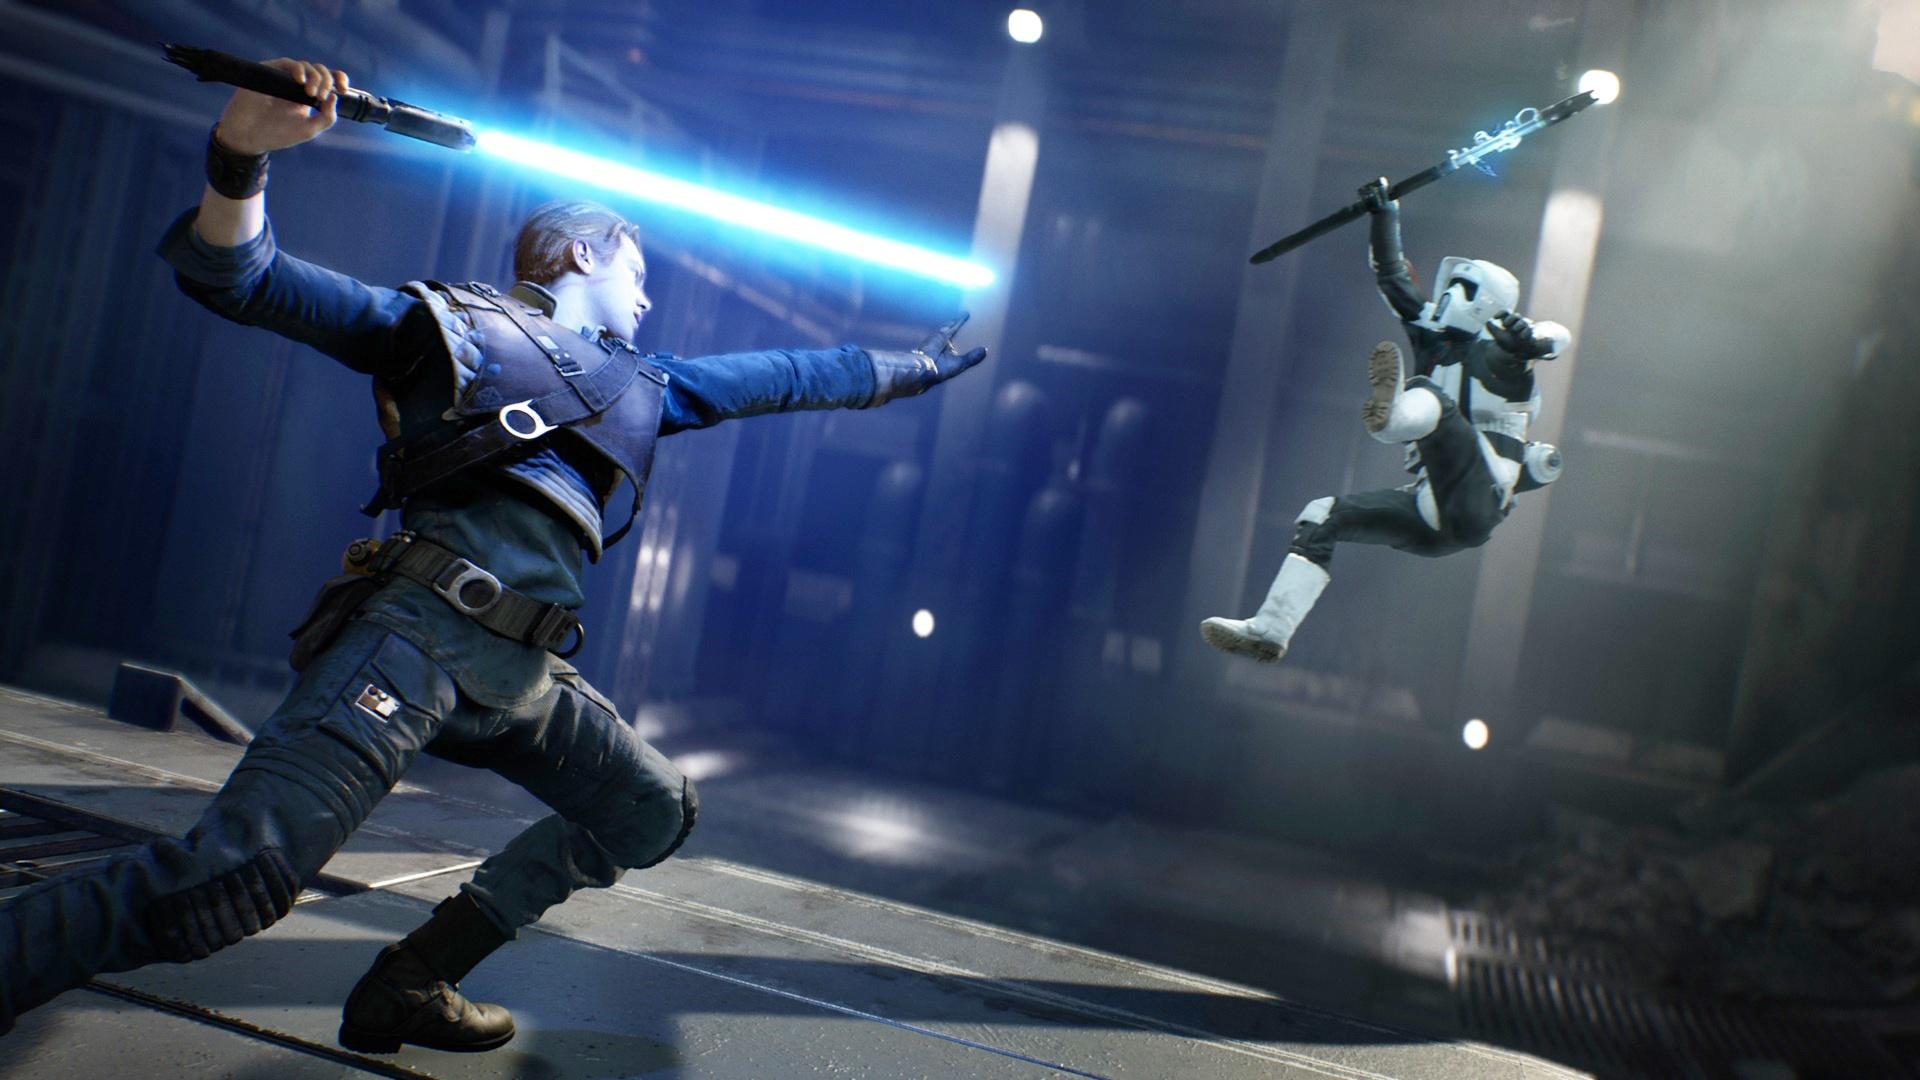 new-games-star-wars-jedi-fallen-order-header.jpg